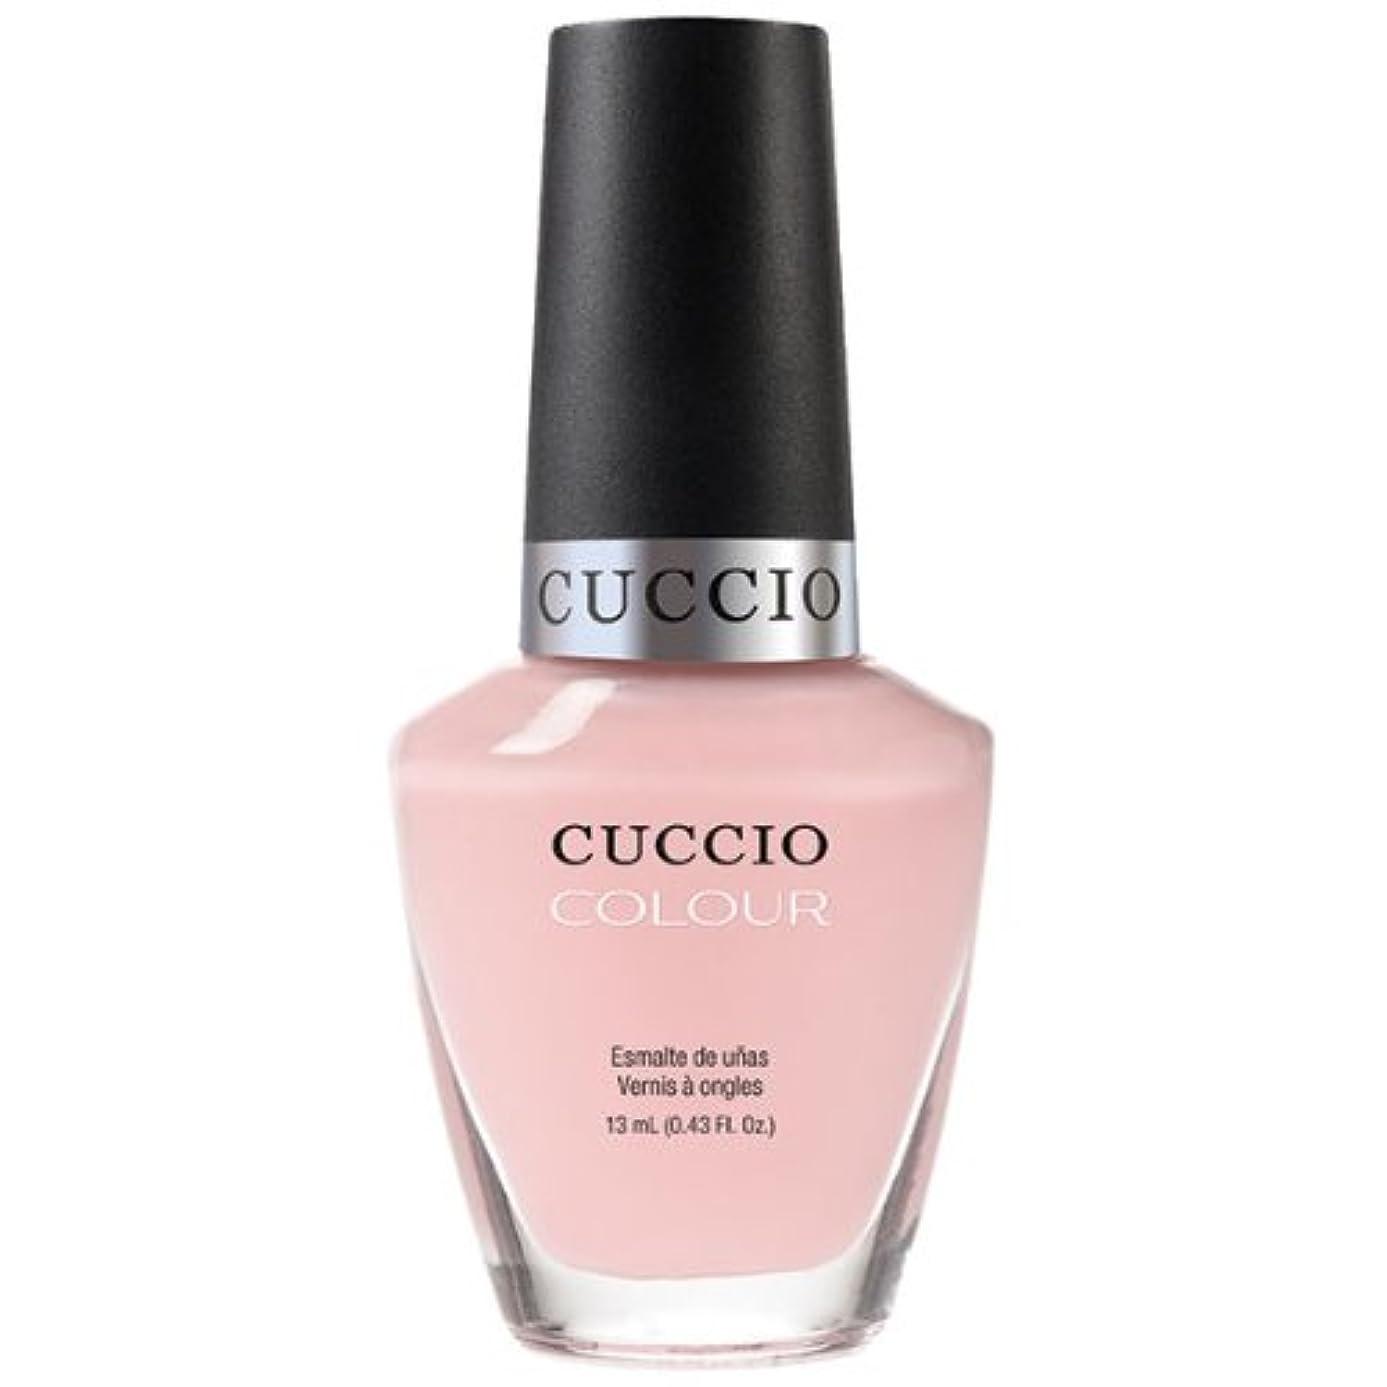 実験シロクマスリップシューズCuccio Colour Gloss Lacquer - Texas Rose - 0.43oz/13ml